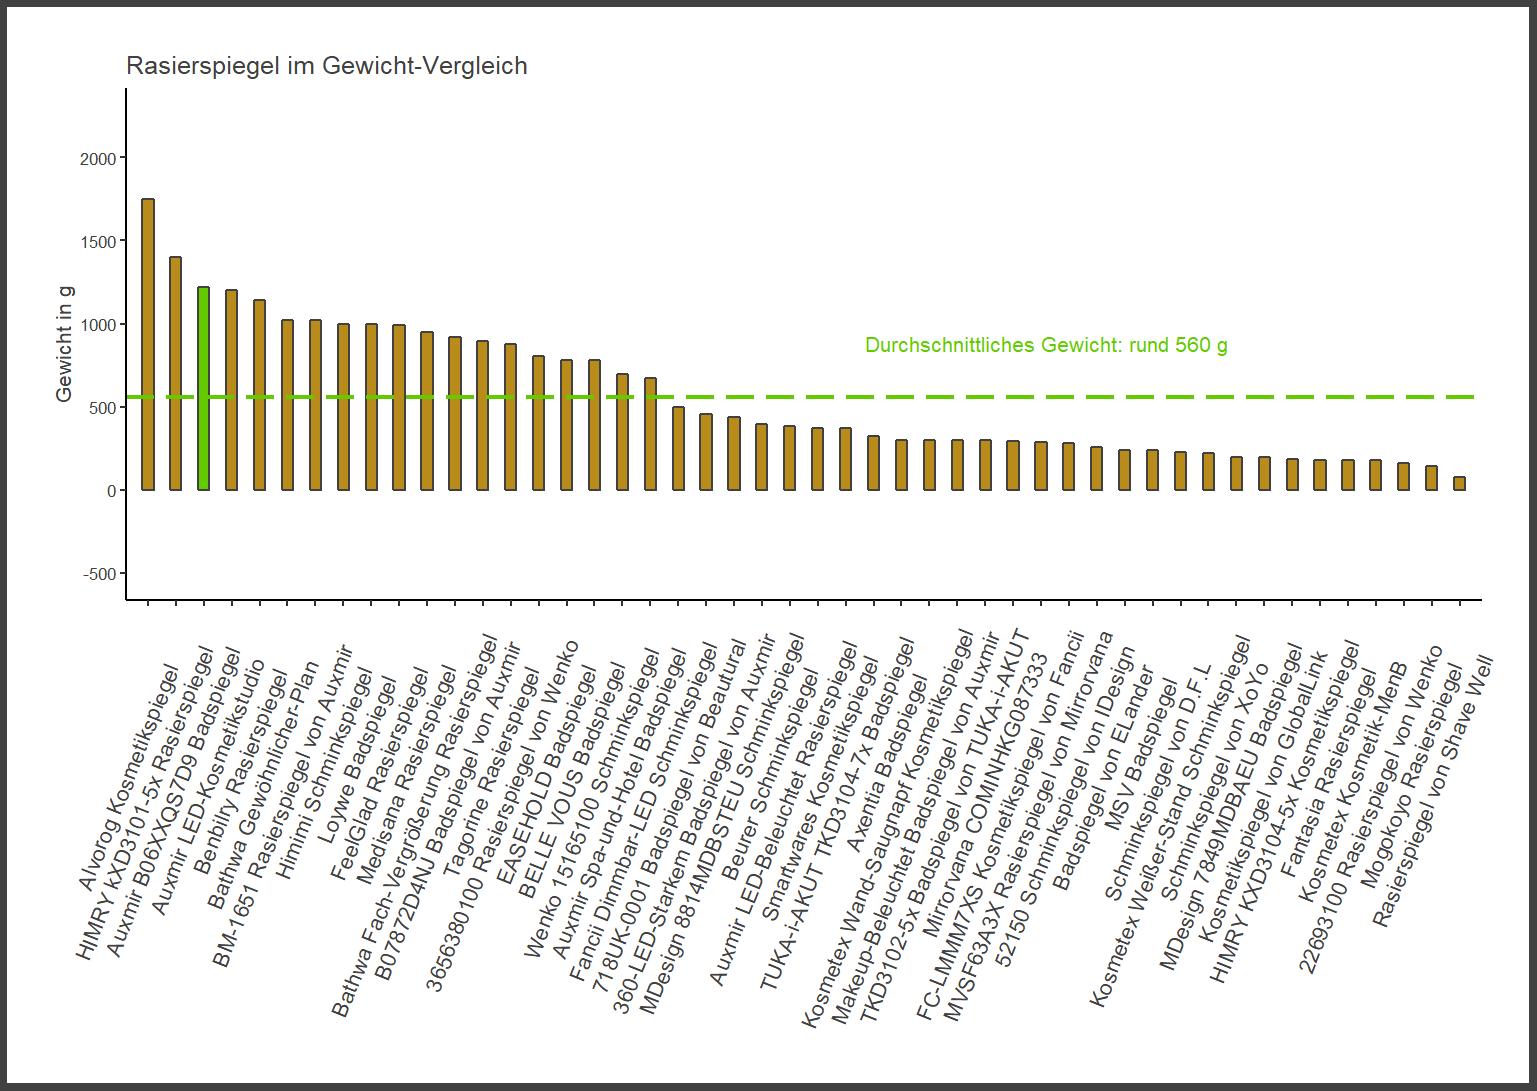 Gewicht-Vergleich von dem Auxmir Rasierspiegel B06XXQS7D9